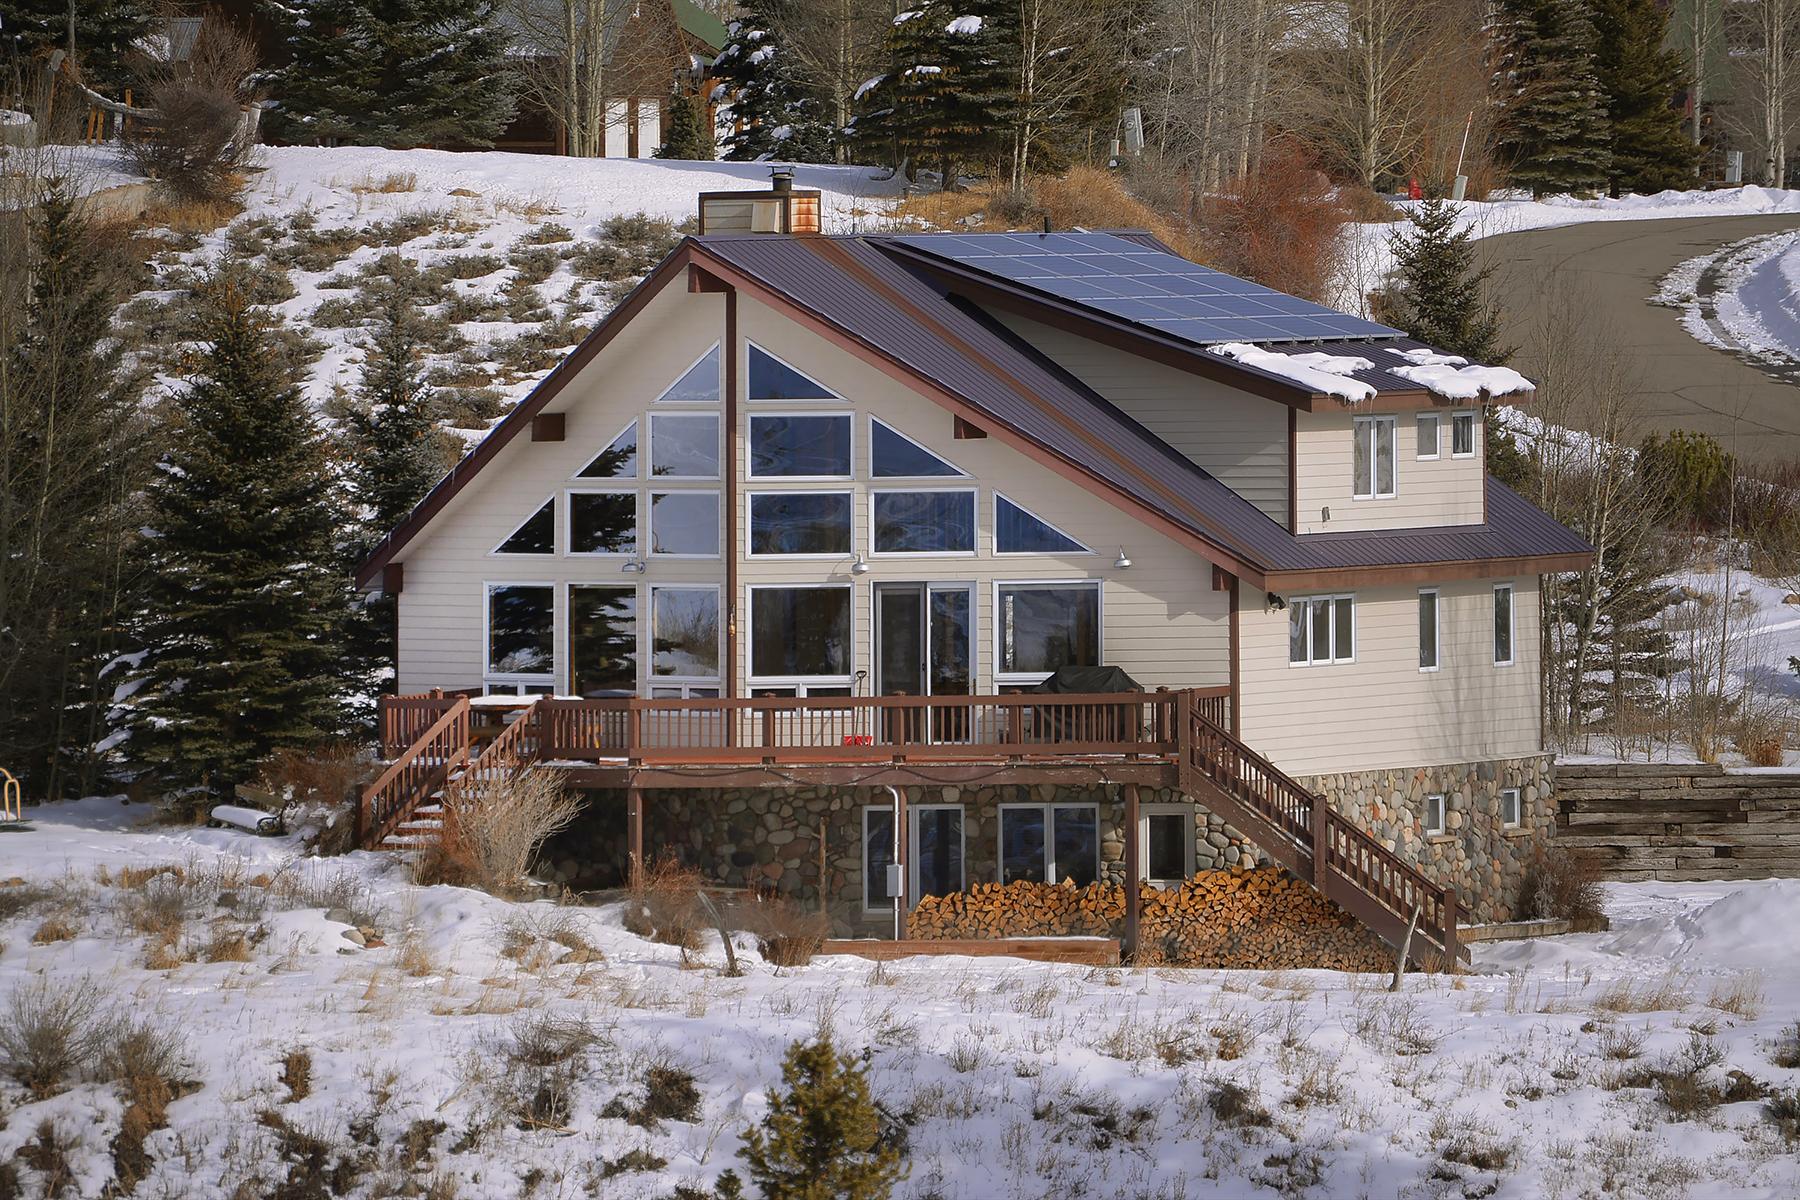 단독 가정 주택 용 매매 에 Expansive Home On Amazing Lot 522 Shavano Street, Crested Butte, 콜로라도, 81224 미국